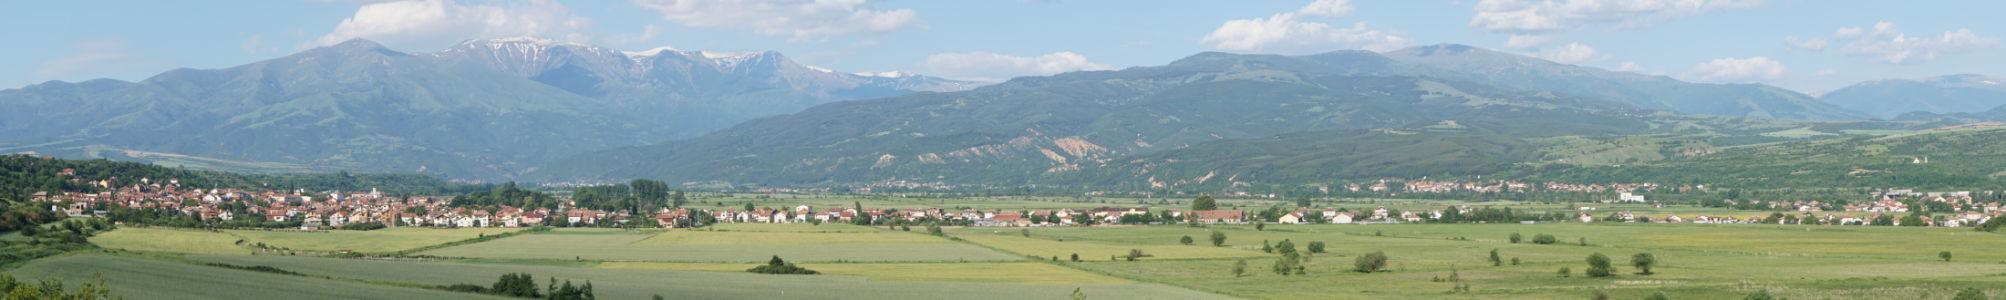 Pohorie Rila v Bulharsku - Niekde v tých horách sa ukrýva najposvätnejšie miesto ortodoxnej cirkvi v Bulharsku